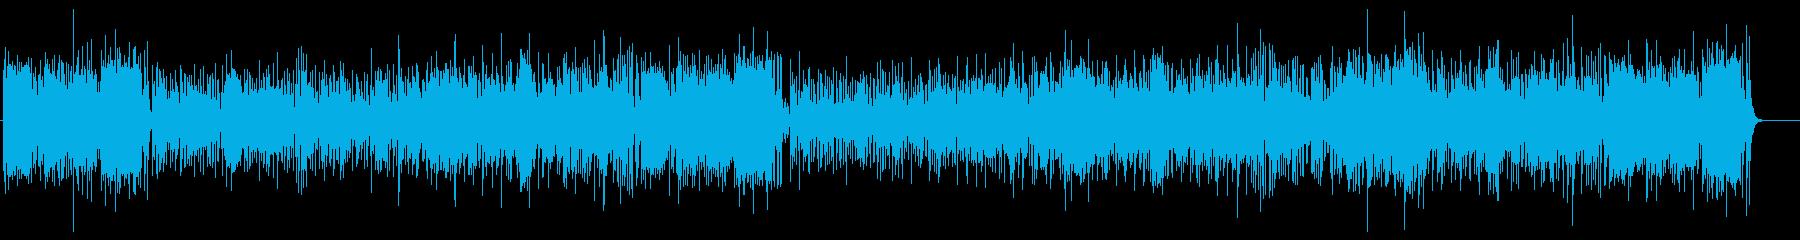 メリハリ抜群エンタテイメント・サウンドの再生済みの波形